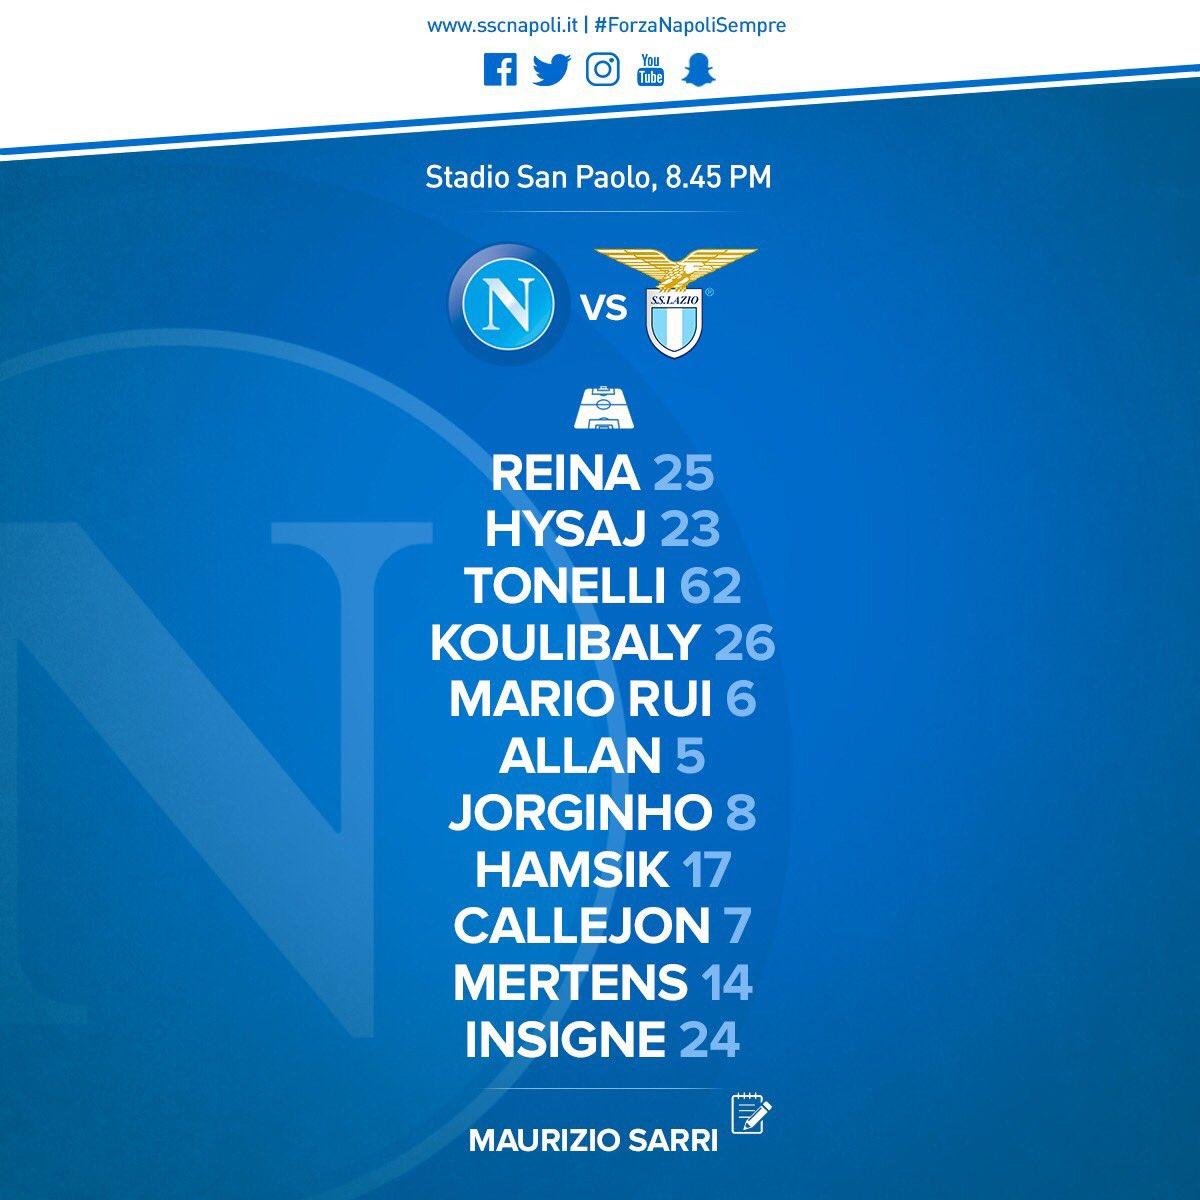 Napoli-Lazio, le formazioni: out Albiol e Chiriches, gioca Tonelli